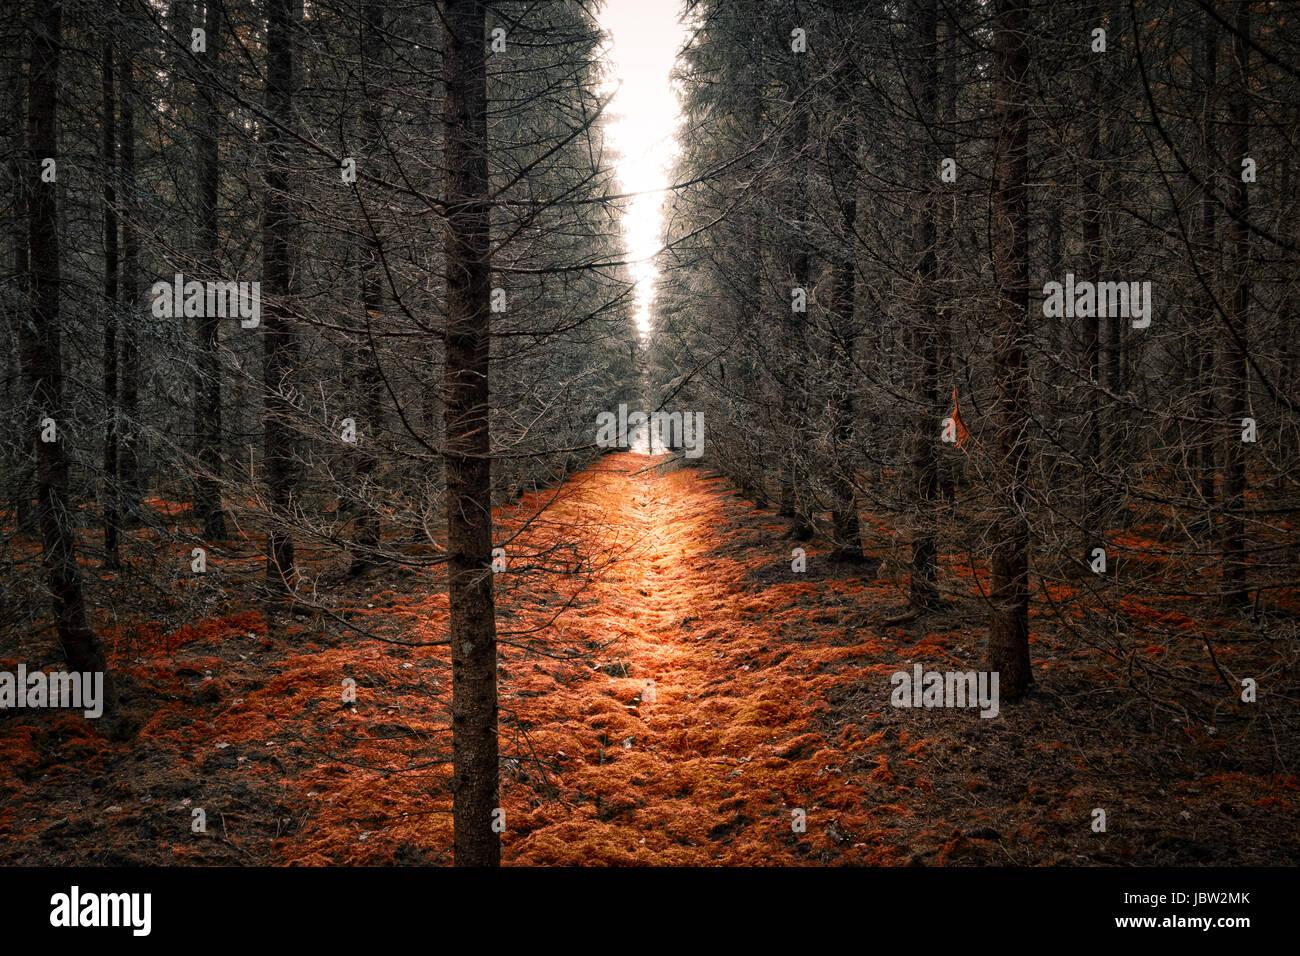 Paesaggio panoramico con foresta secca e luminose Immagini Stock